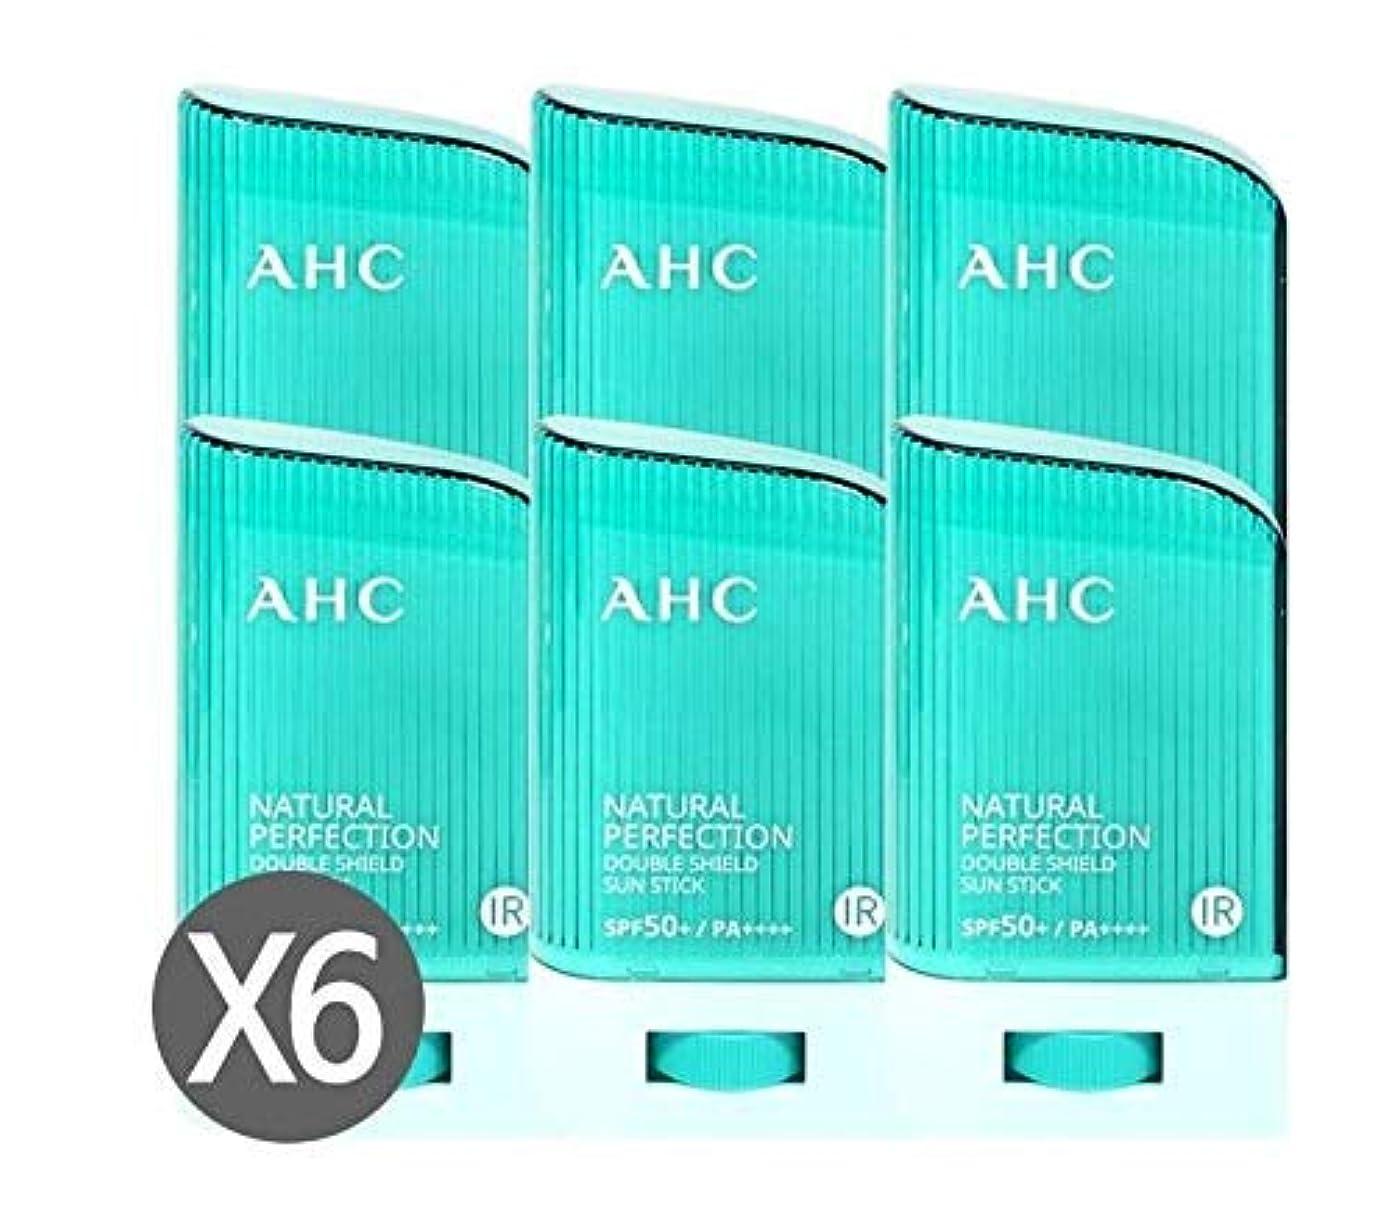 パケット八百屋さん知性[ 6個セット ] AHC ナチュラルパーフェクションダブルシールドサンスティック 22g, Natural Perfection Double Shield Sun Stick SPF50+ PA++++